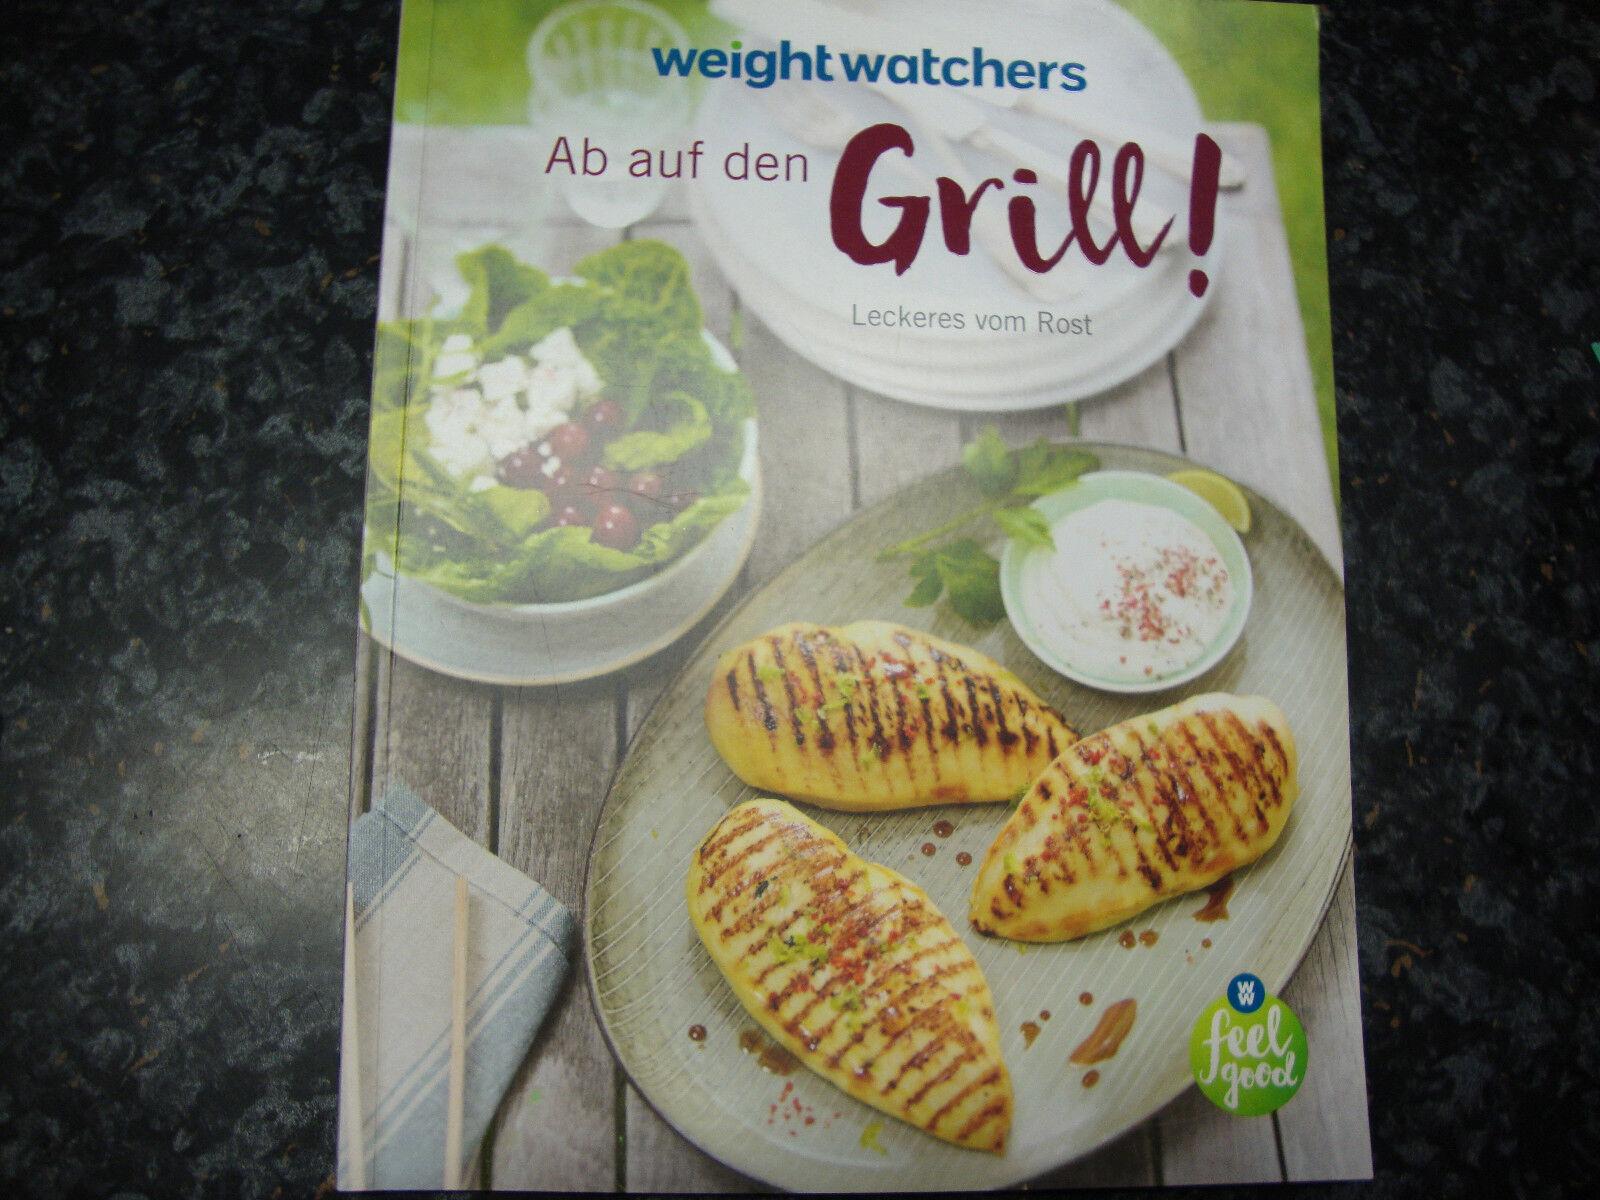 weight watchers Kochbuch: Ab auf den Grill!